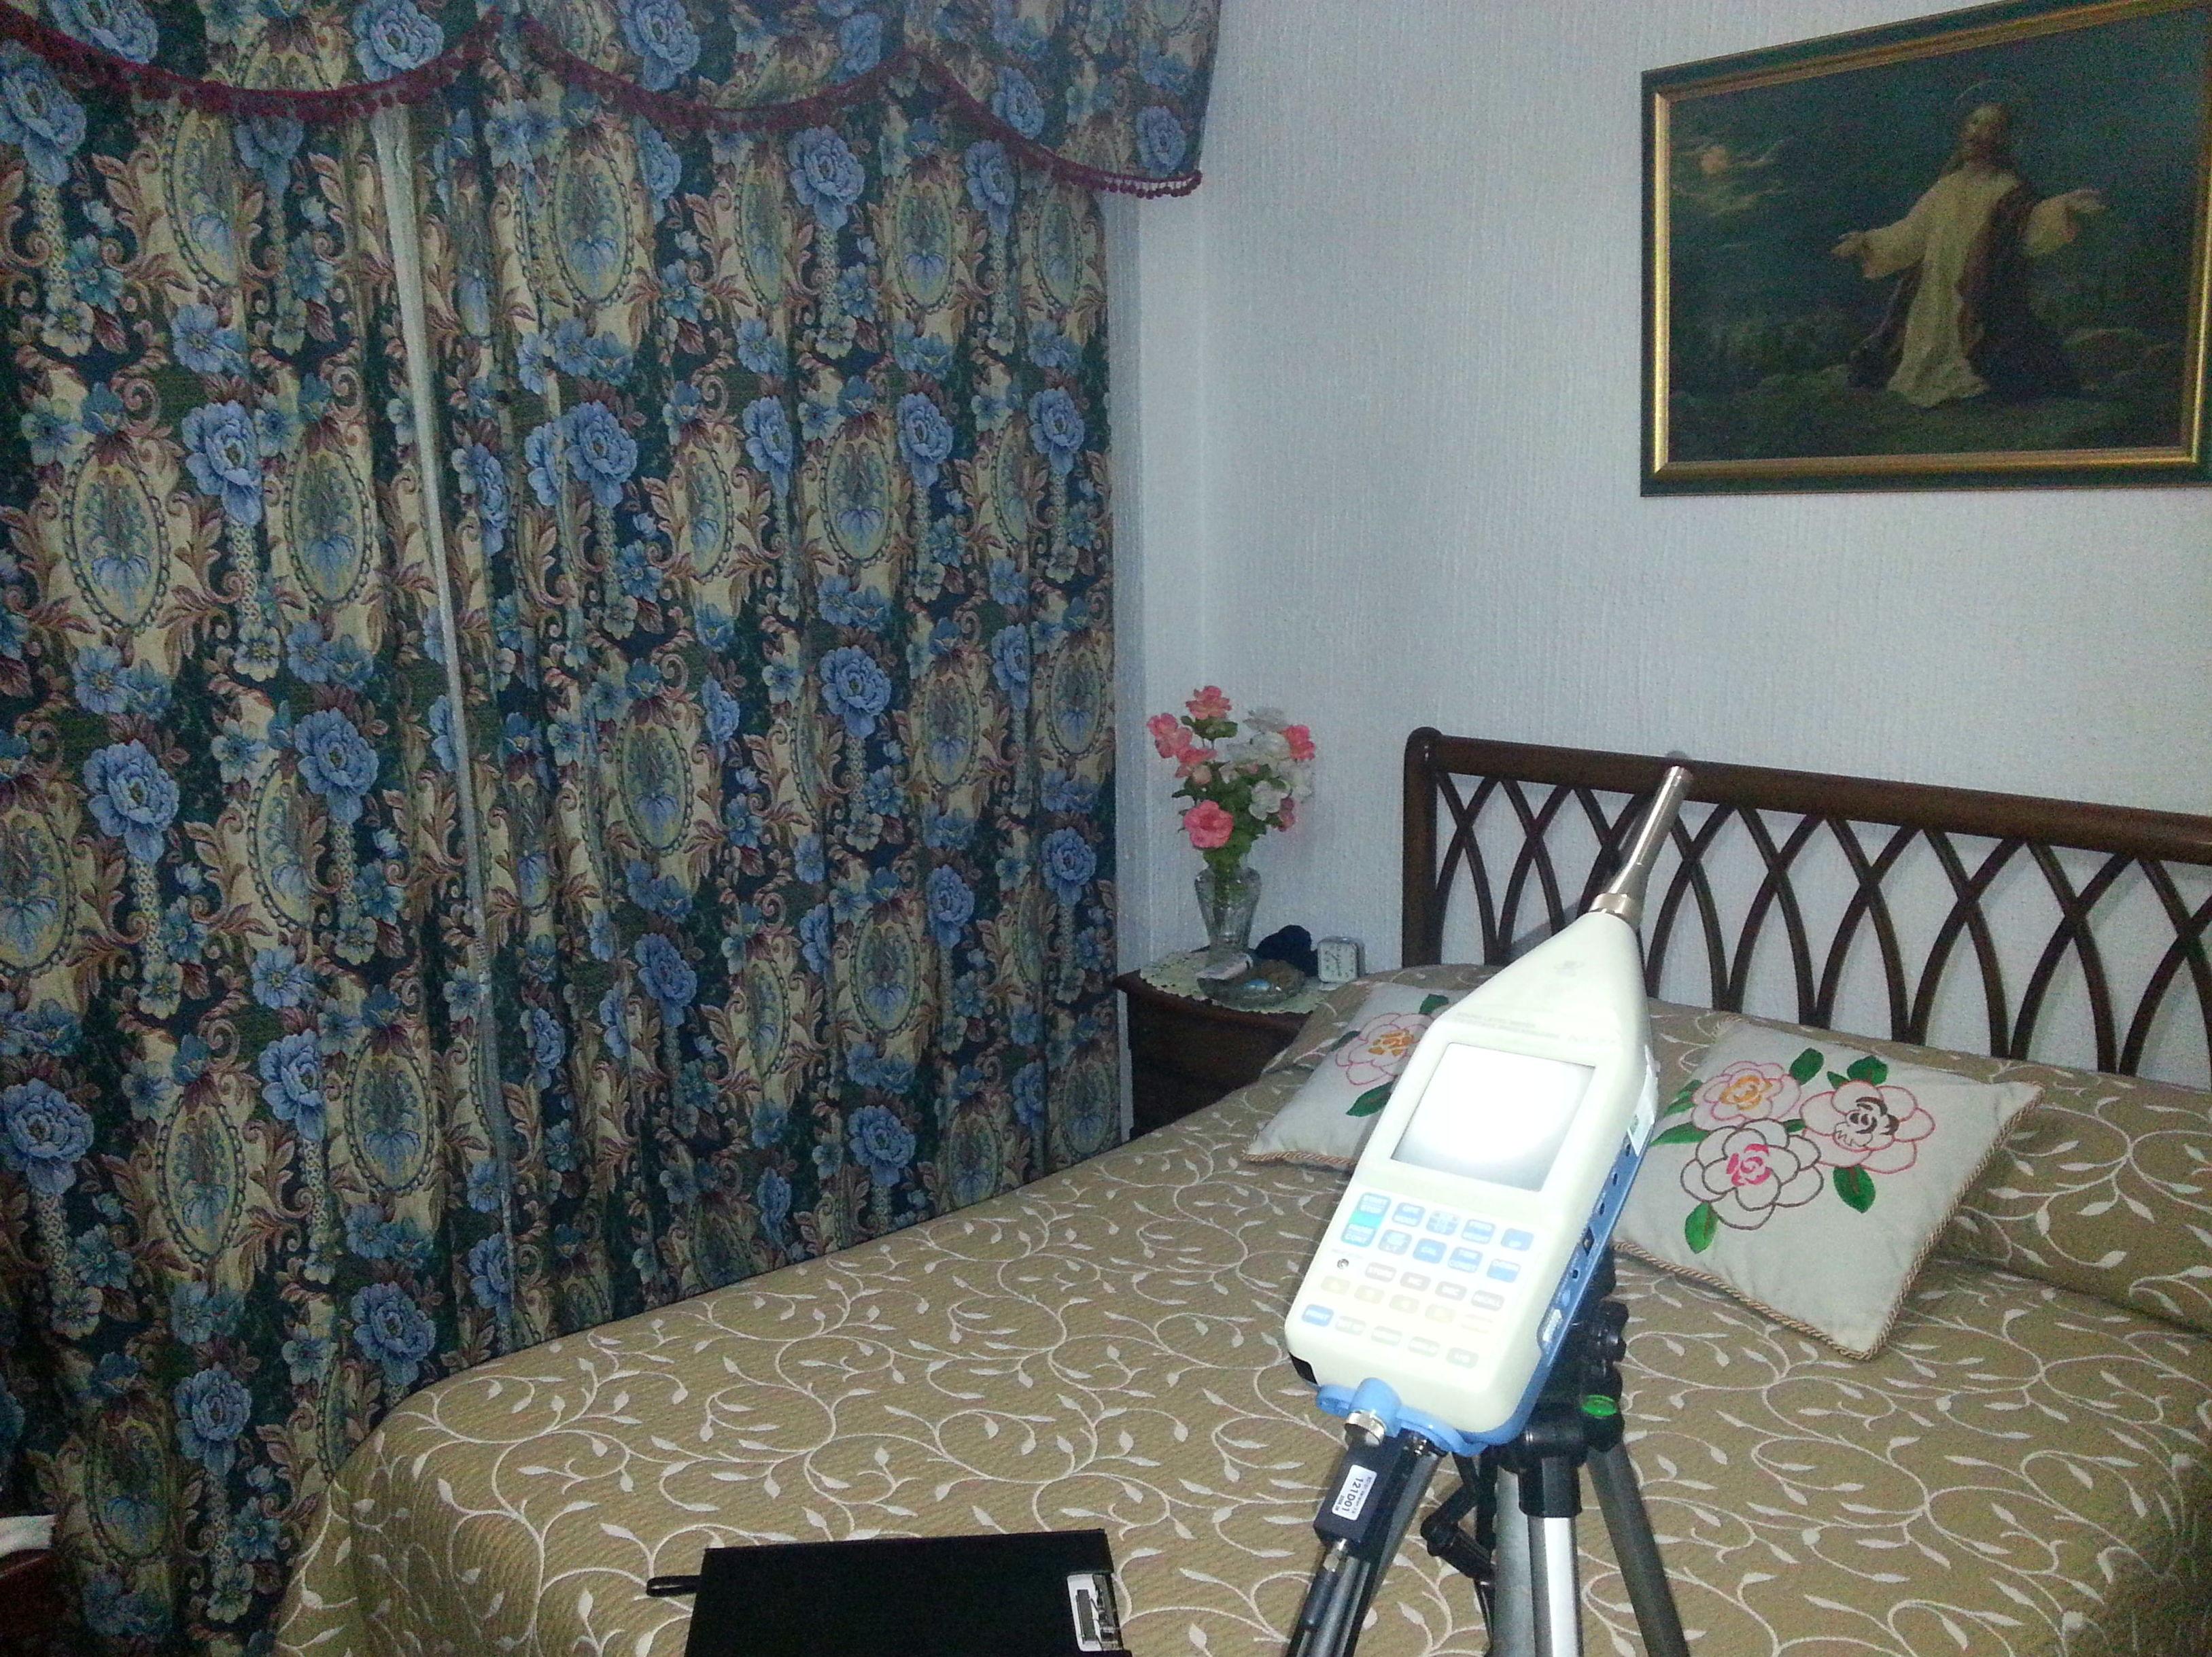 Ensayo de nivel de ruido transmitido a dormitorio